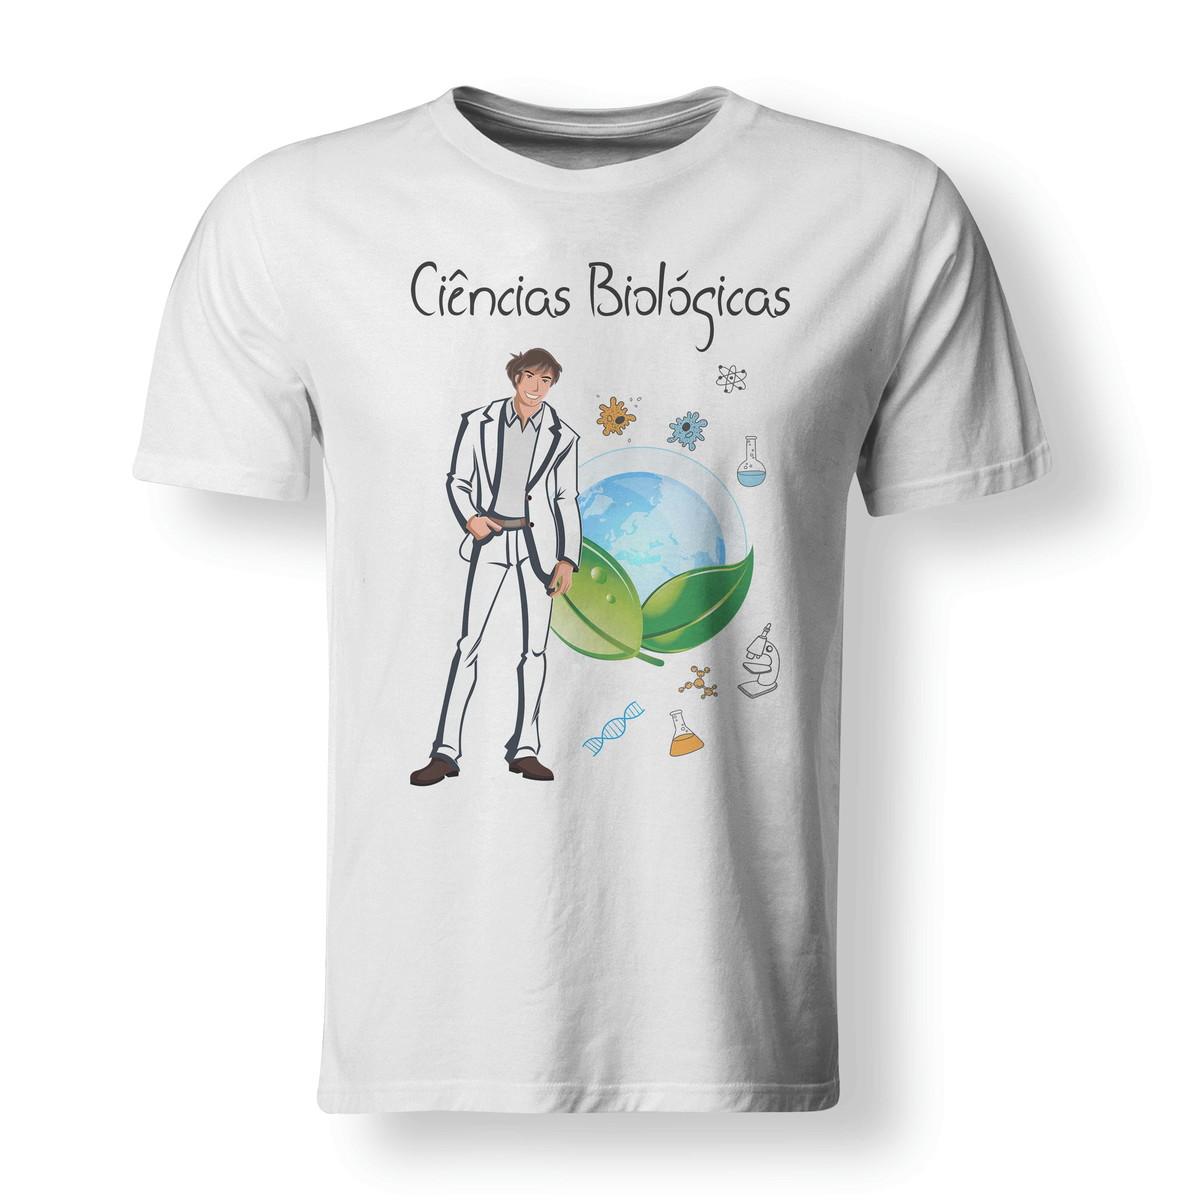 e158c6896 Camiseta Ciências Biológicas Profissões - A3 no Elo7